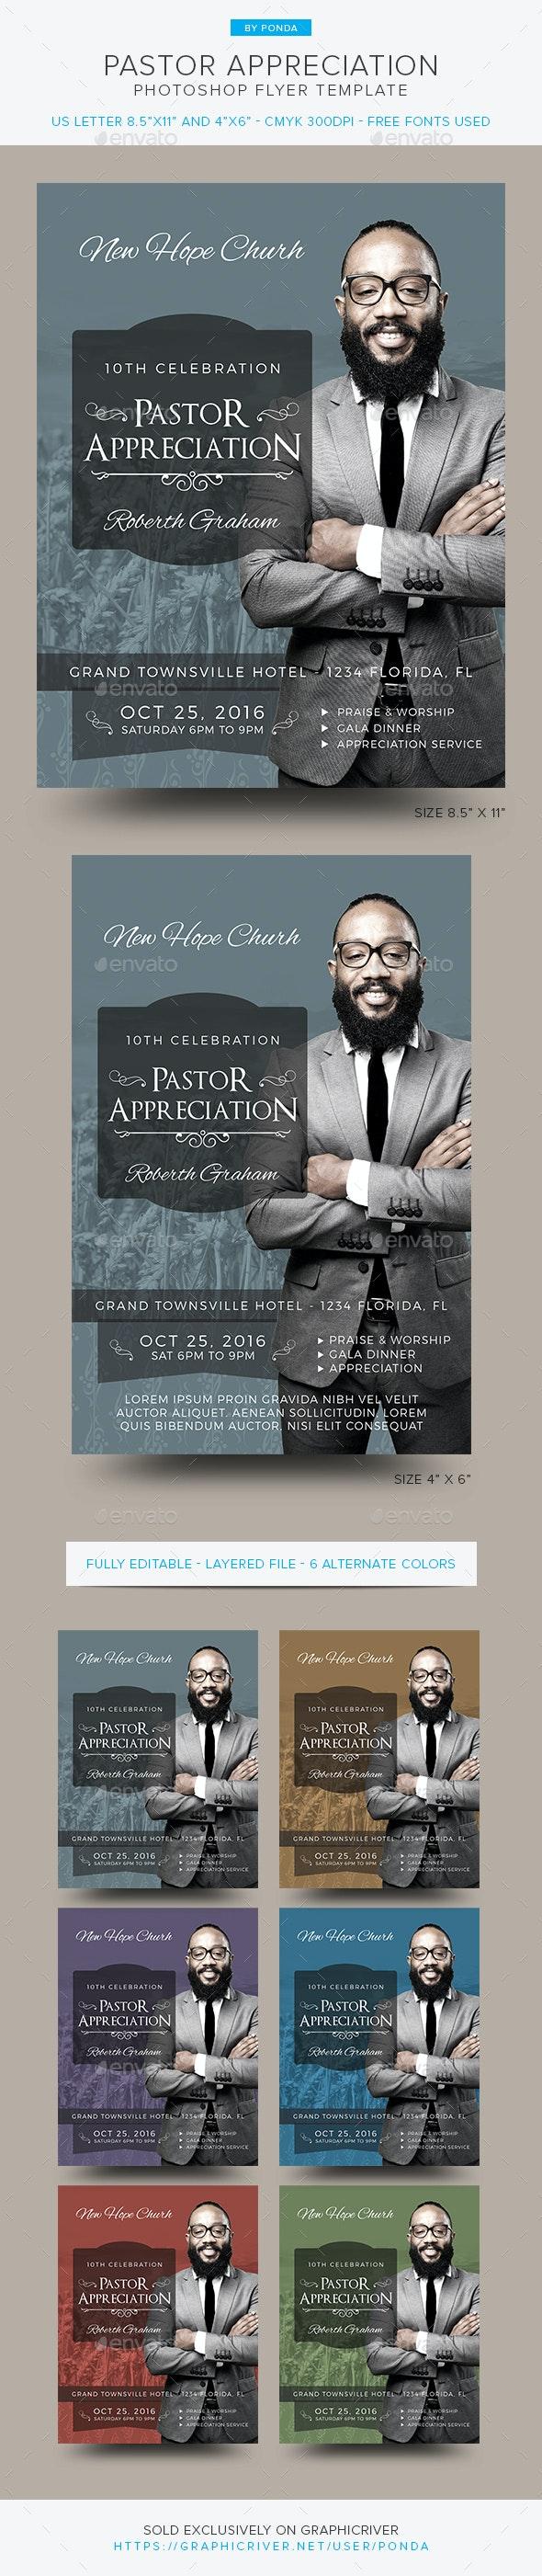 Pastor Appreciation Flyer Invitation - Church Flyers